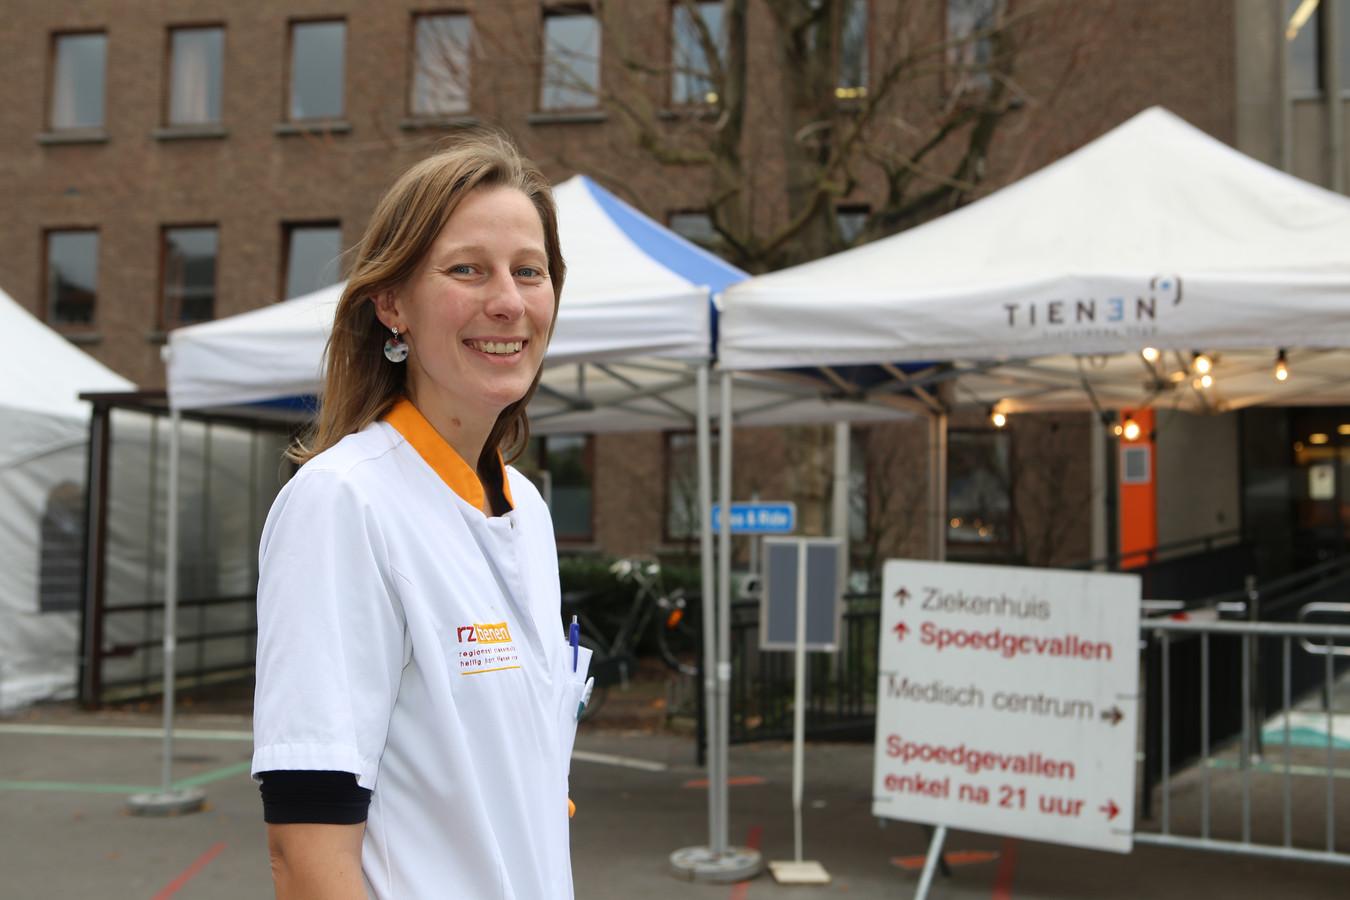 Eline Van Hove.